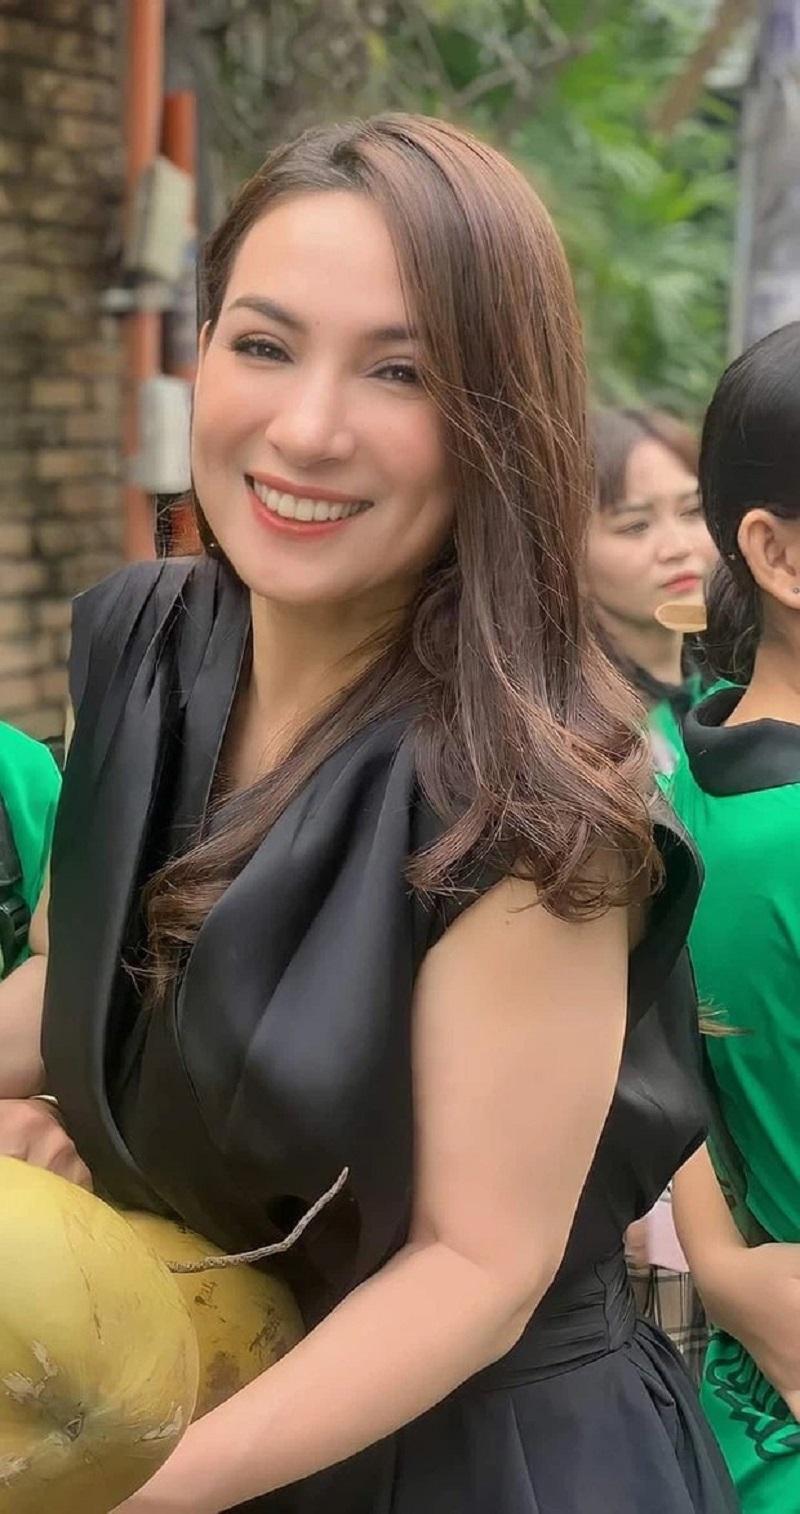 Nữ ca sĩ Phi Nhung qua đời vì Covid-19 ở tuổi 51 4